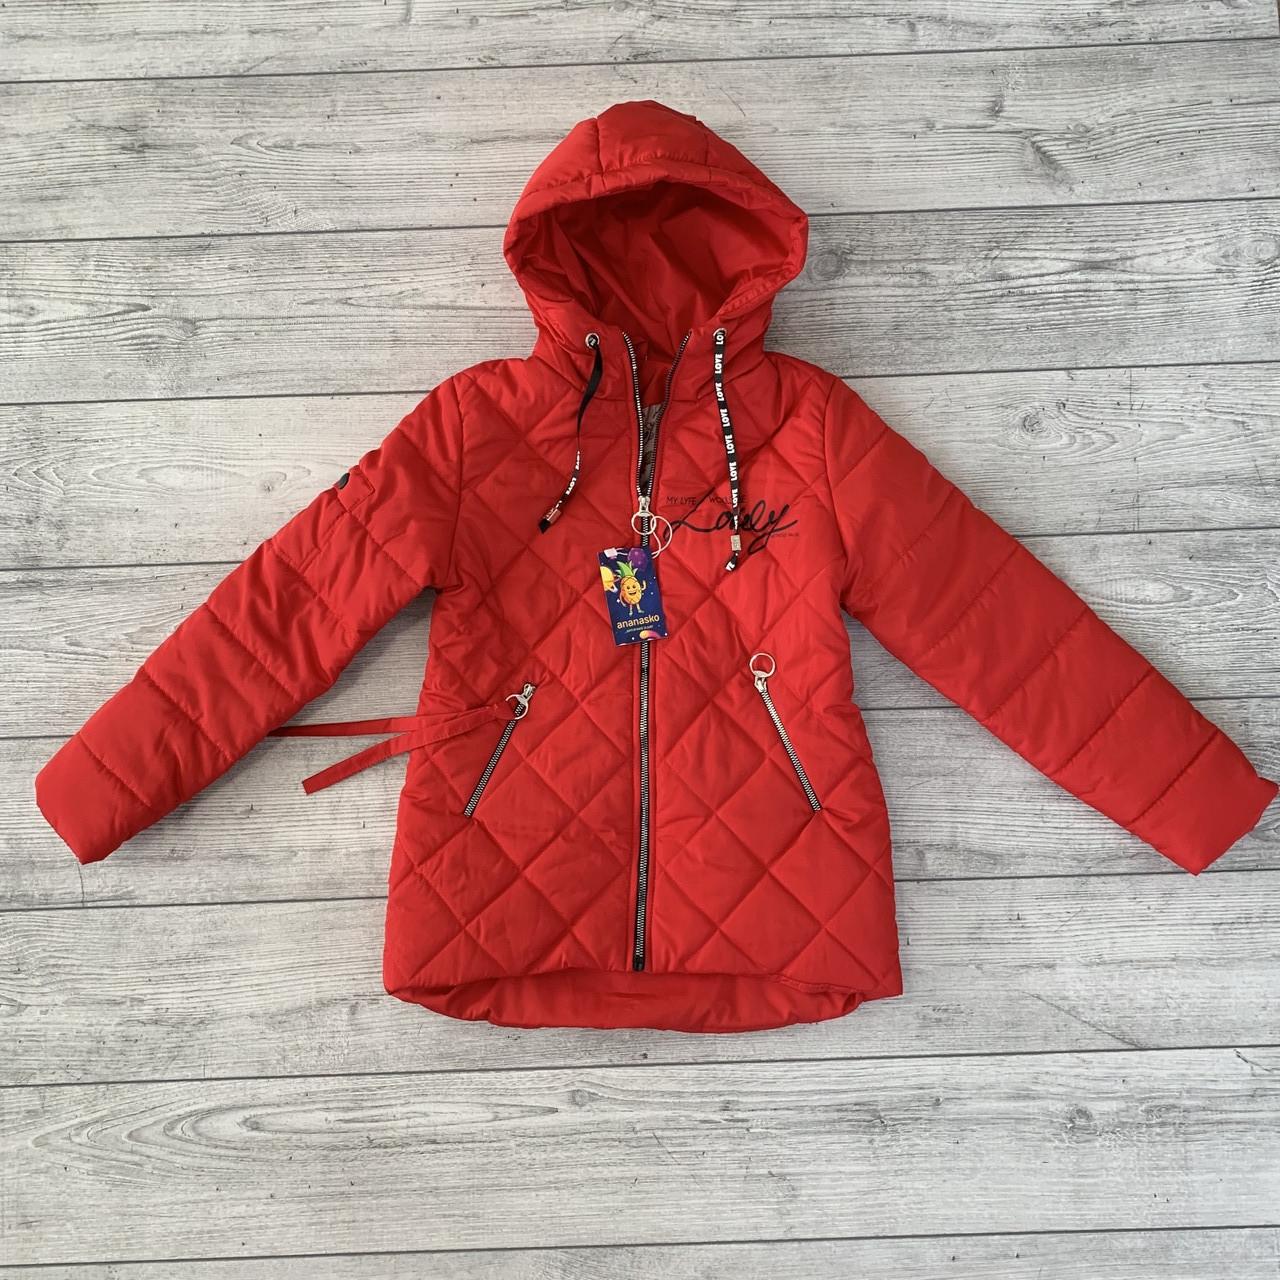 Весенняя куртка на девочку размеры 134-152, коллекция Весна 2019 красный цвет